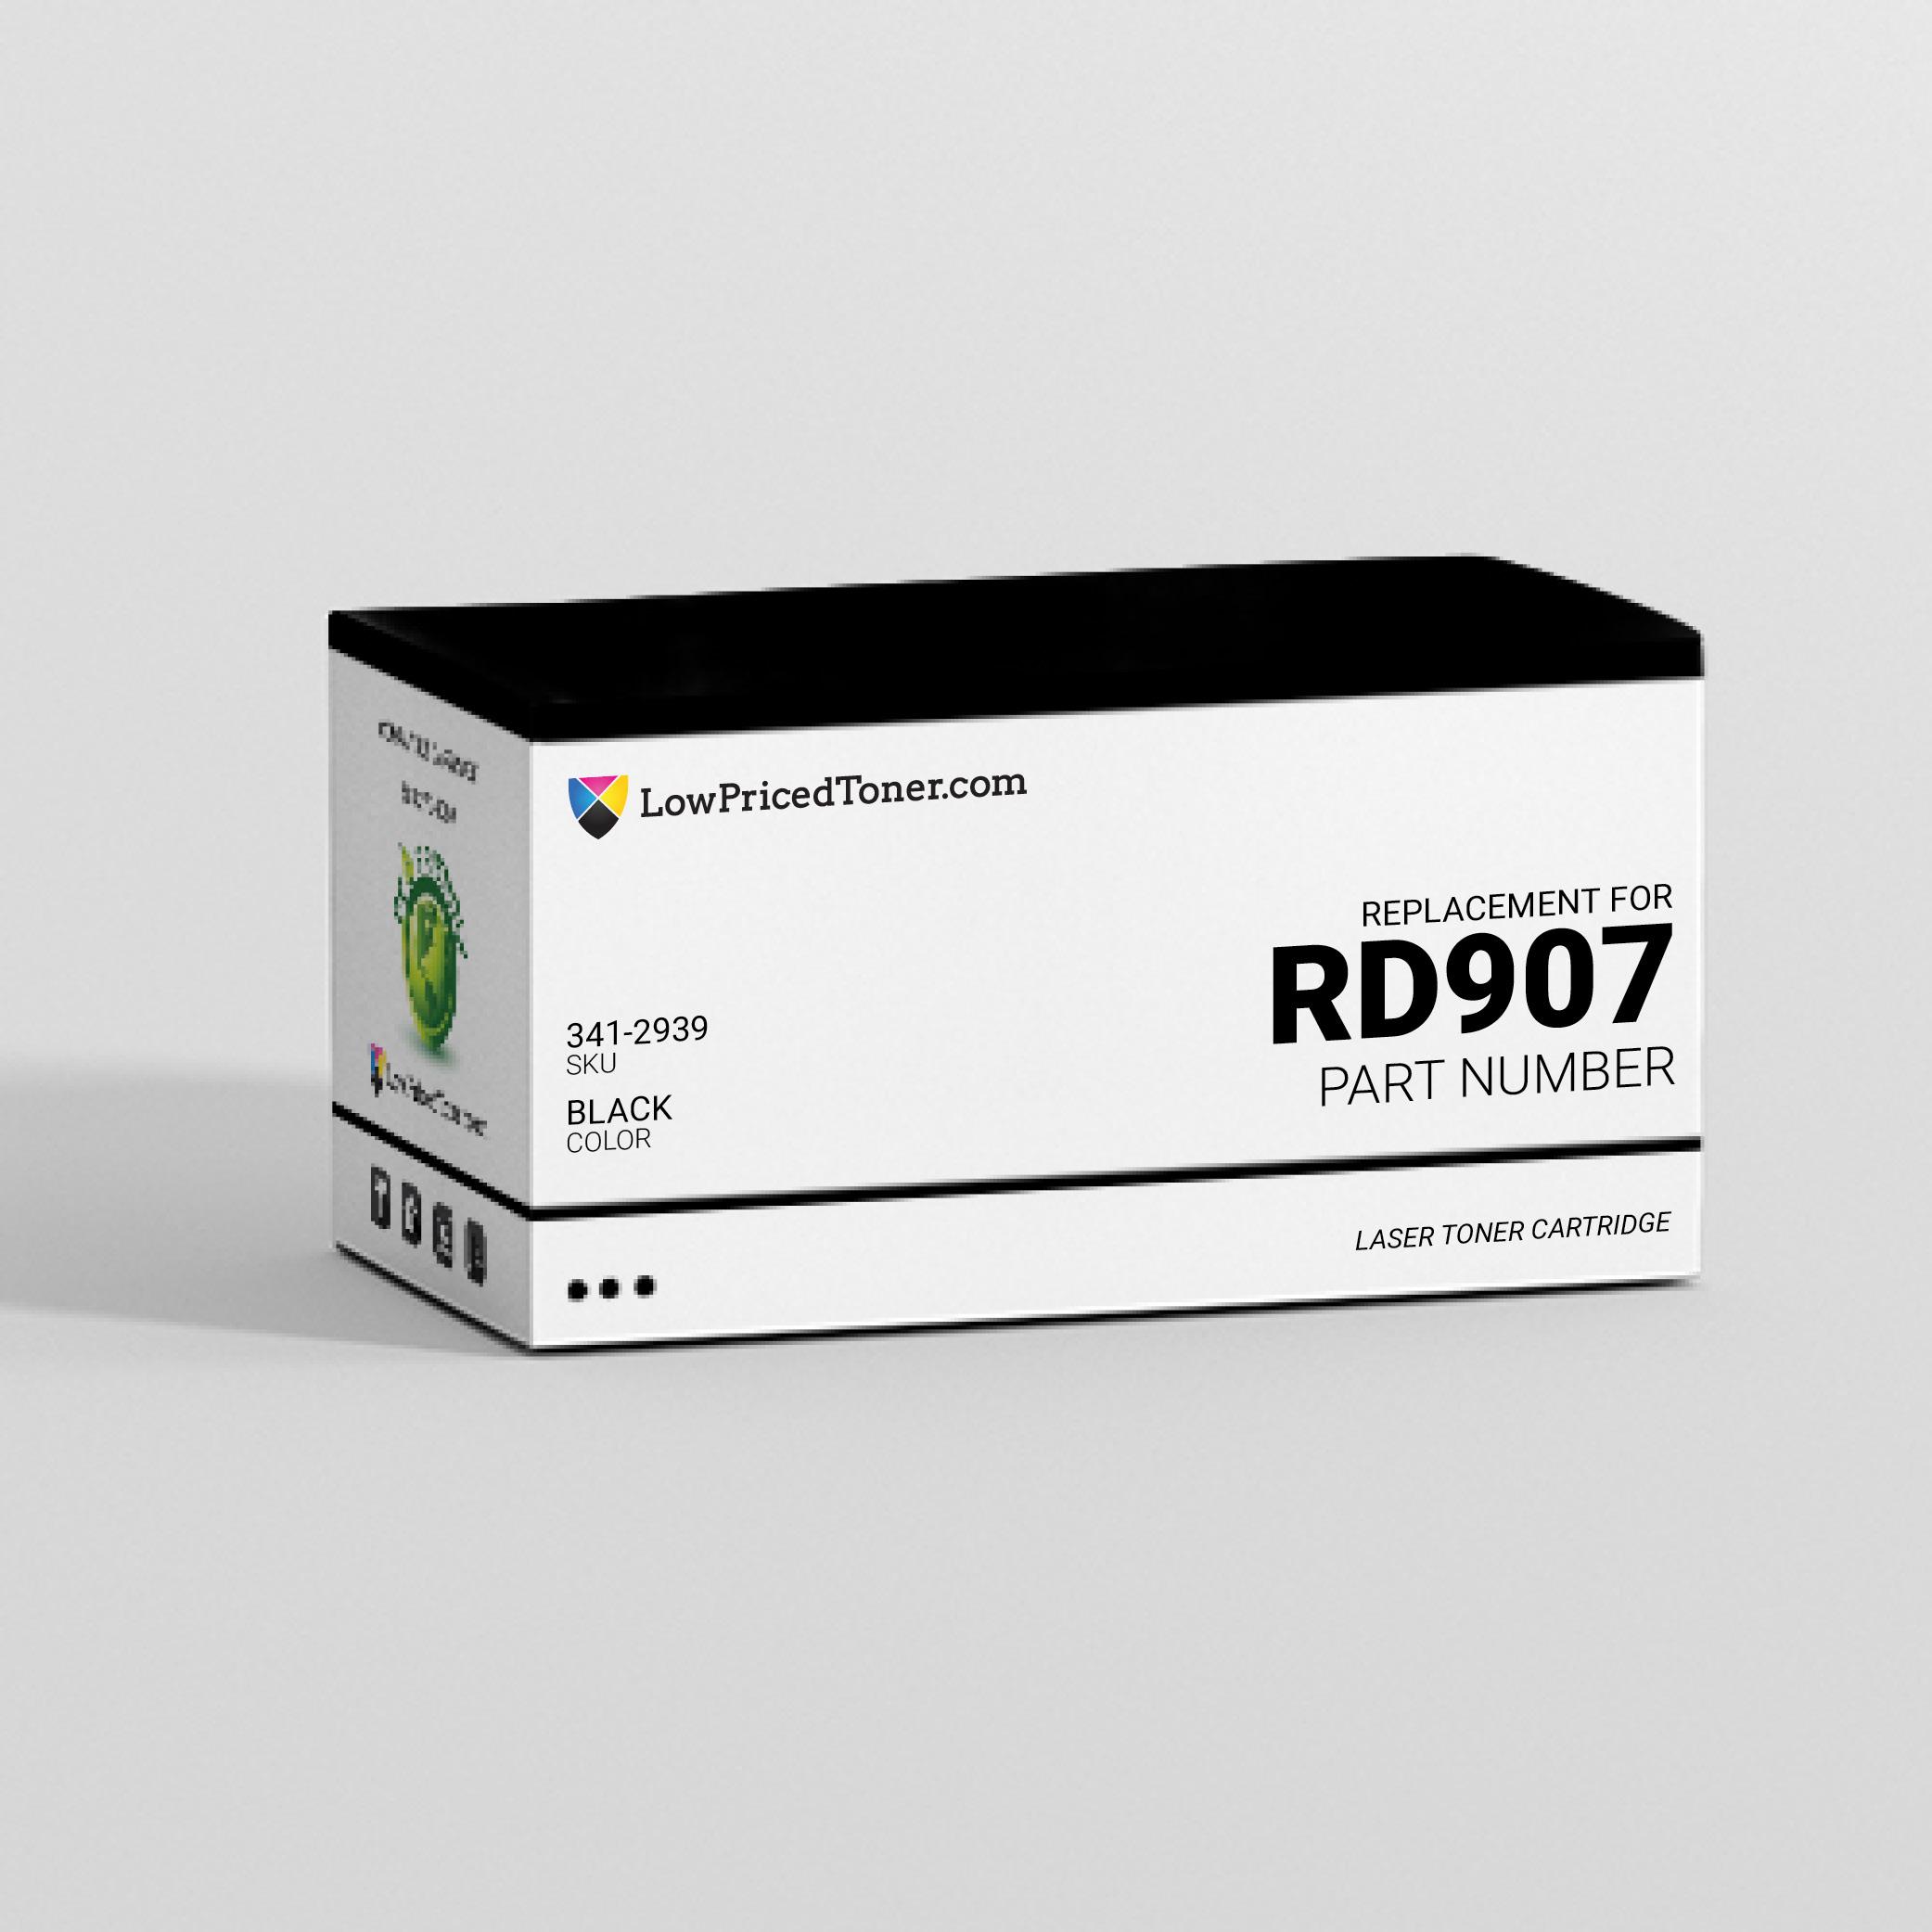 Dell 341-2939 RD907 Remanufactured Black Laser Toner Cartridge